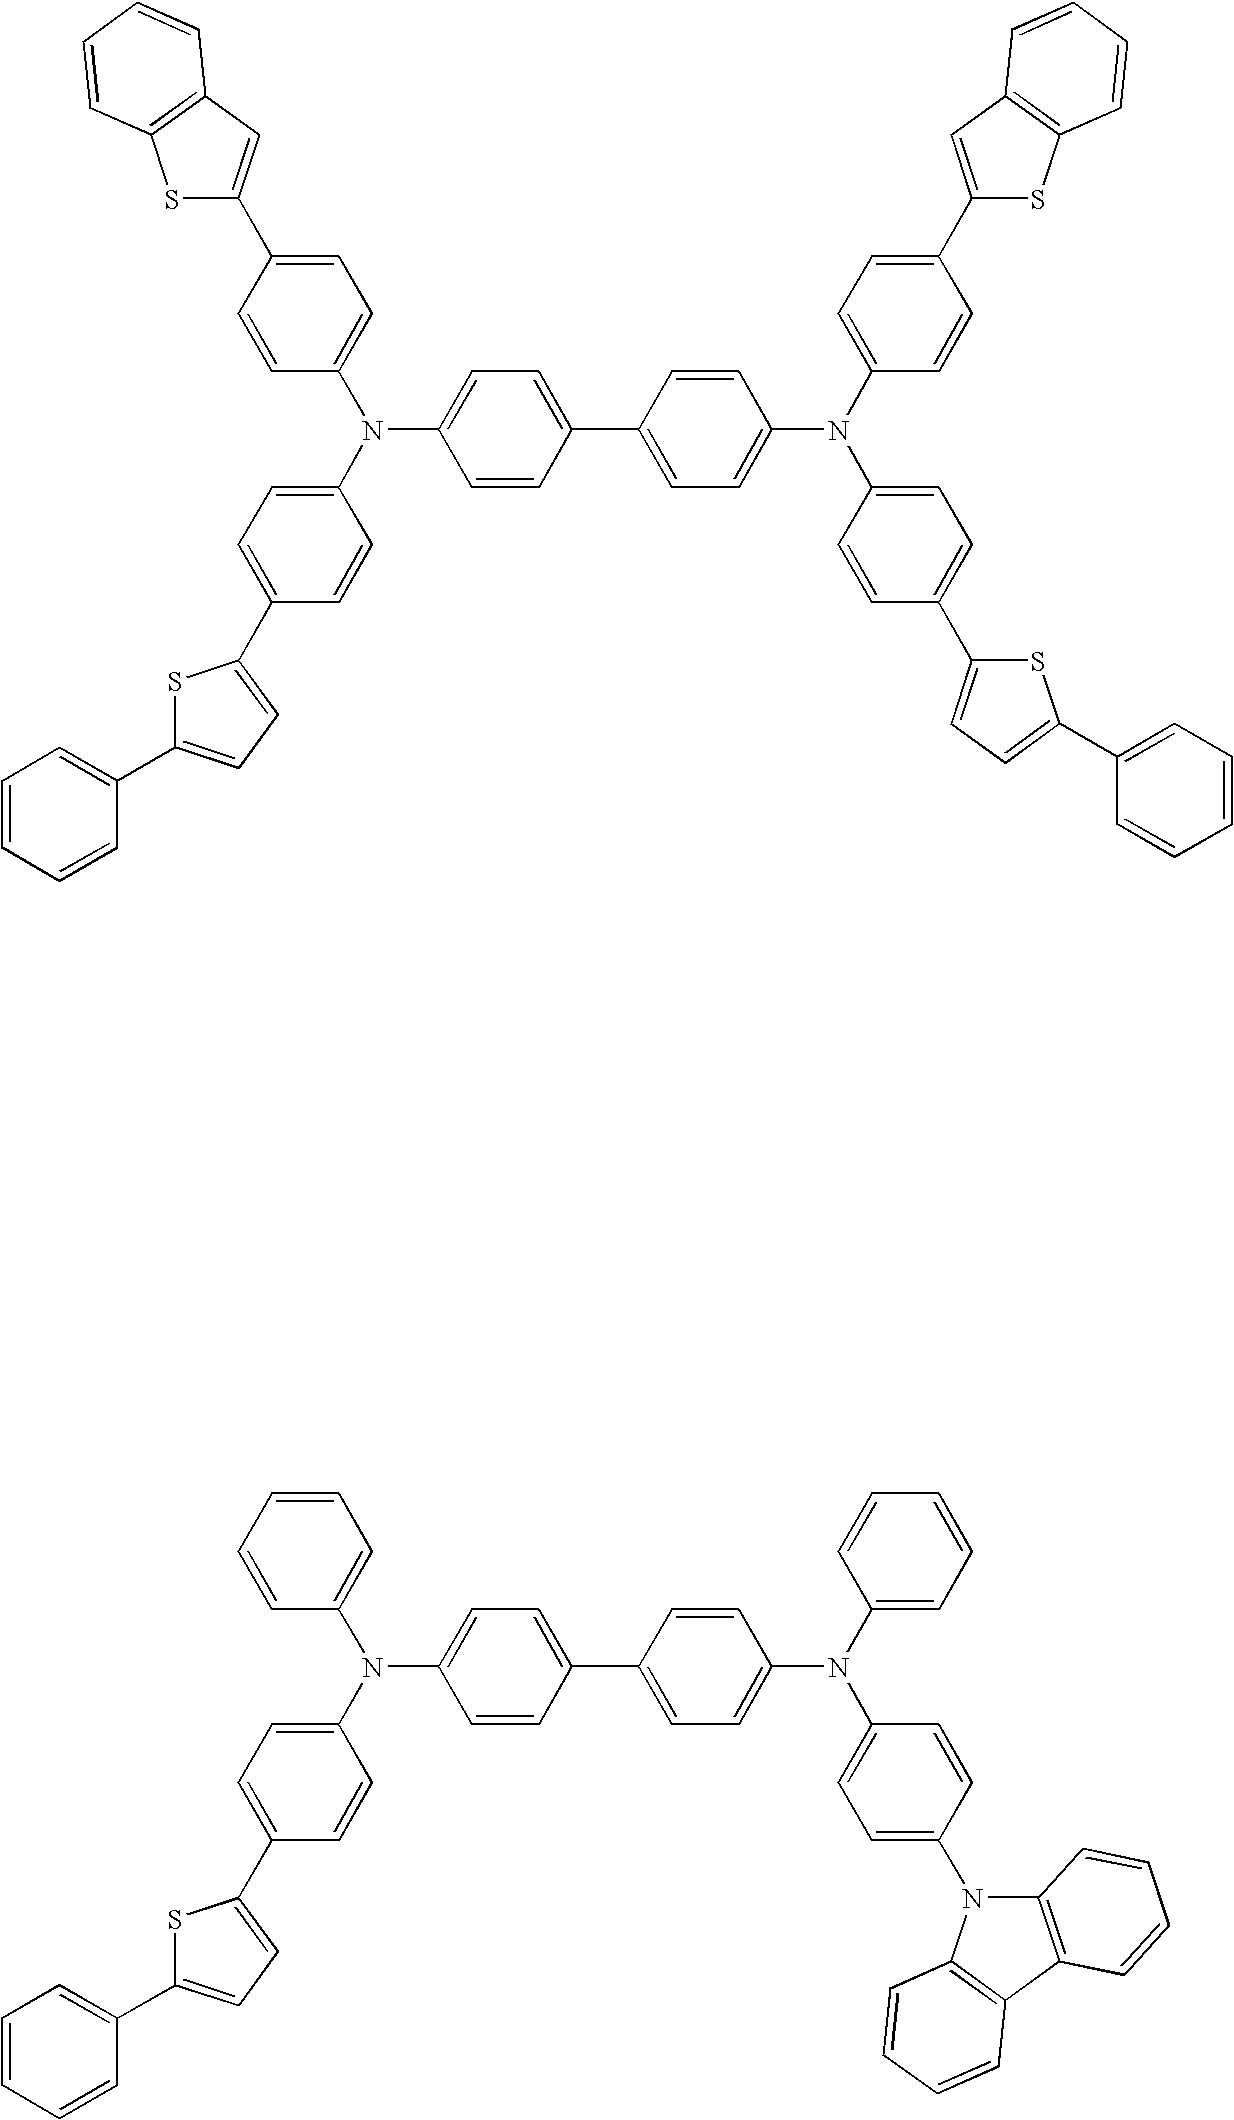 Figure US20090066235A1-20090312-C00025